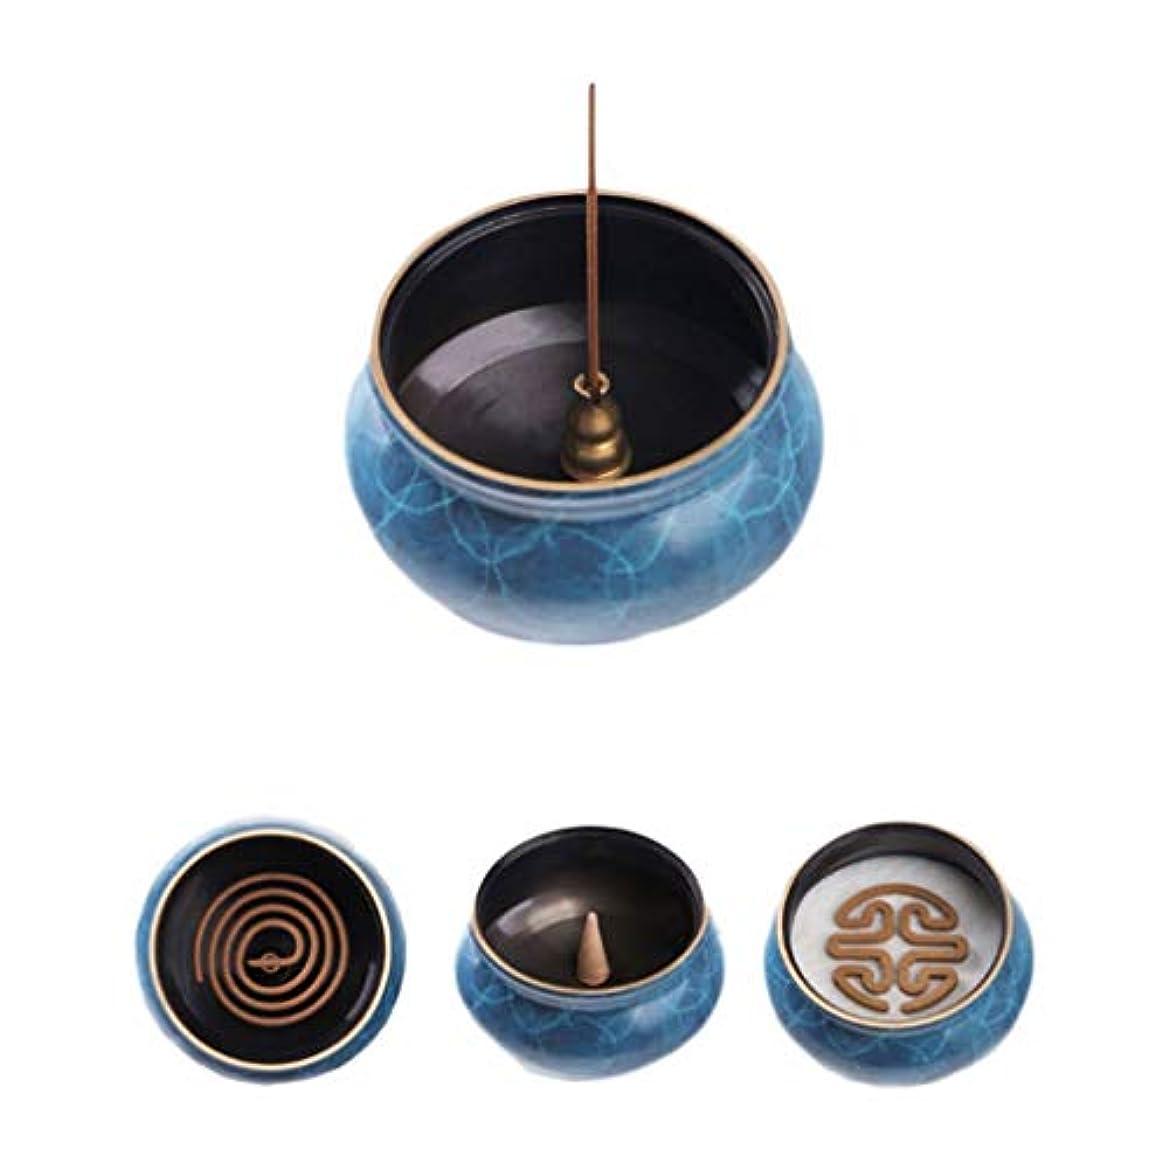 匹敵します記念セーブホームアロマバーナー 純粋な銅香炉ホームアンティーク白檀用仏寒天香炉香り装飾アロマセラピー炉 アロマバーナー (Color : Blue copper)